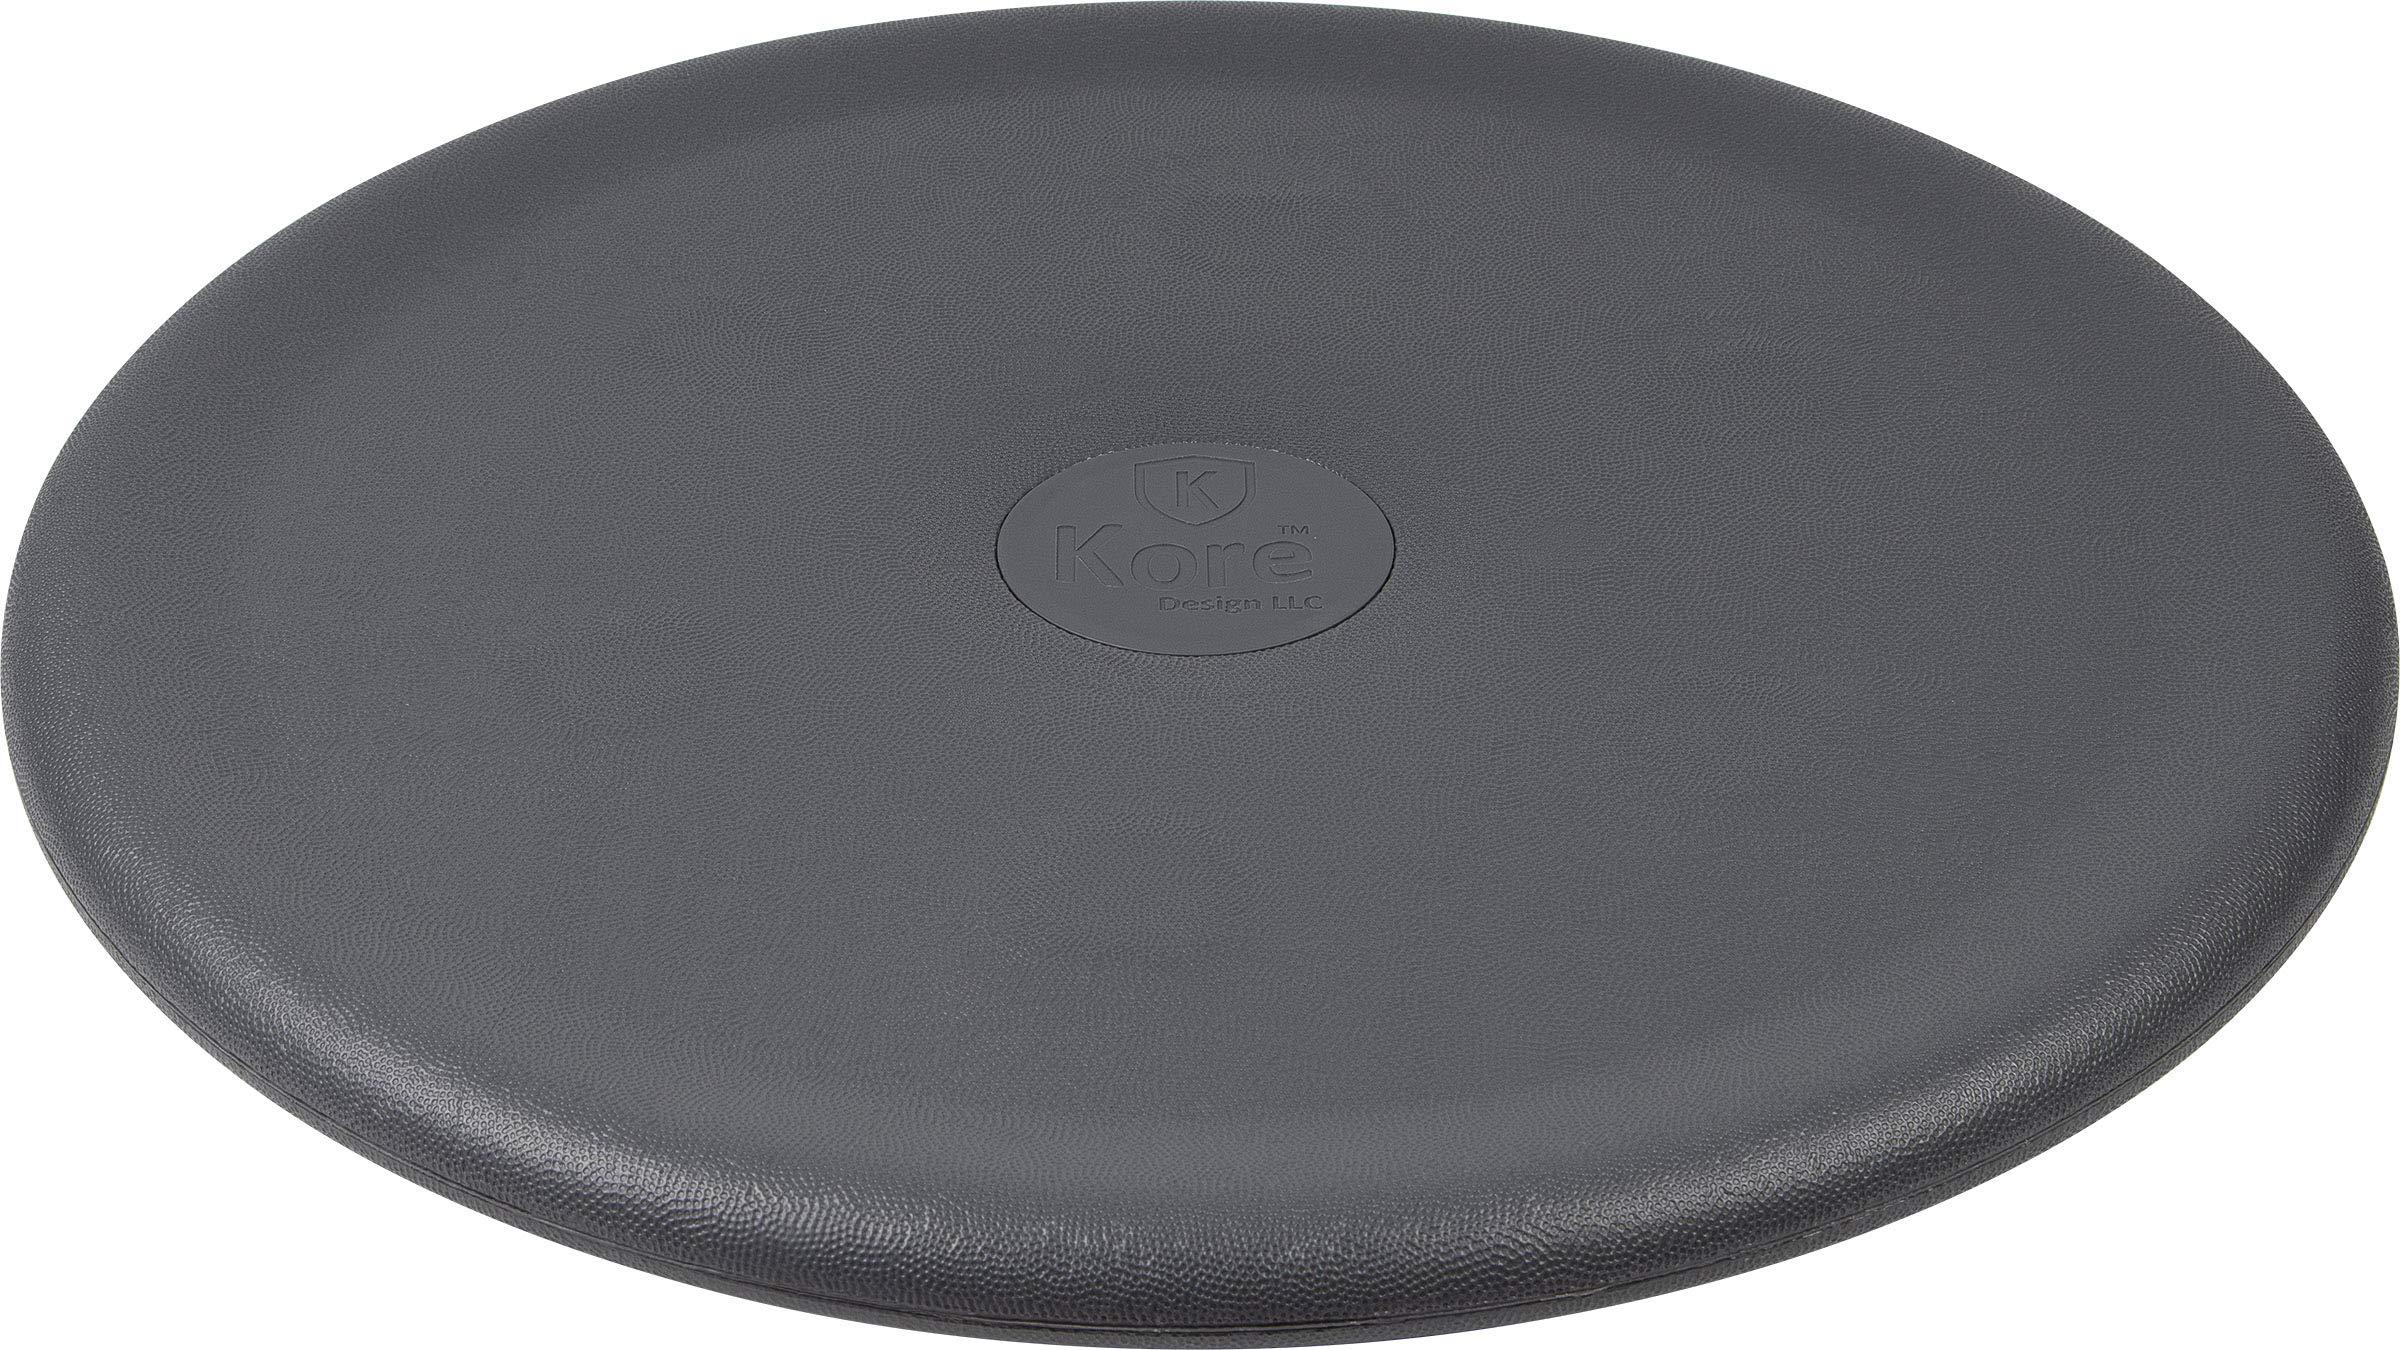 Kore Floor Wobbler - Flexible Seating for Classroom, Preschool and Elementary School, Grey by KORE DESIGN LLC